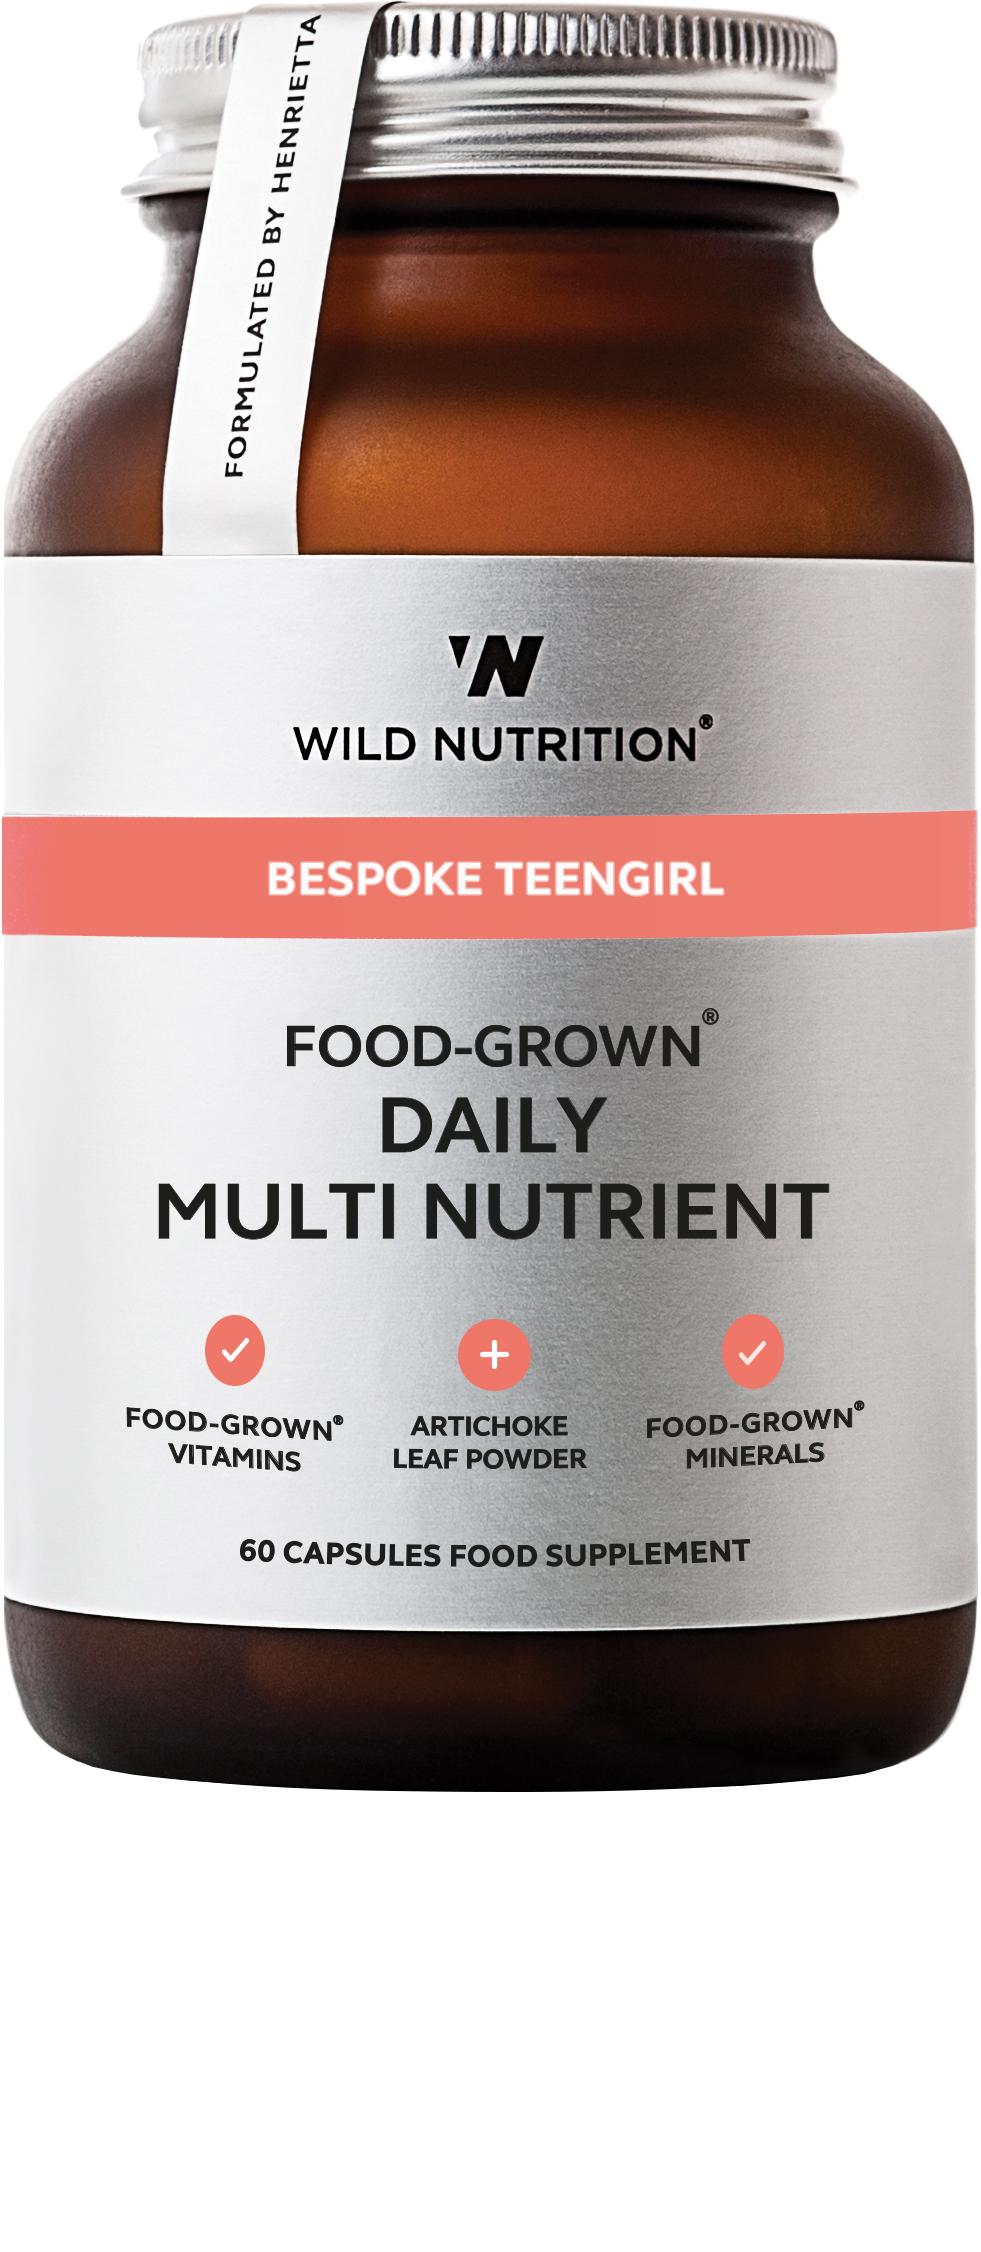 Bespoke TeenGirl Food-Grown Daily Multi Nutrient 60's